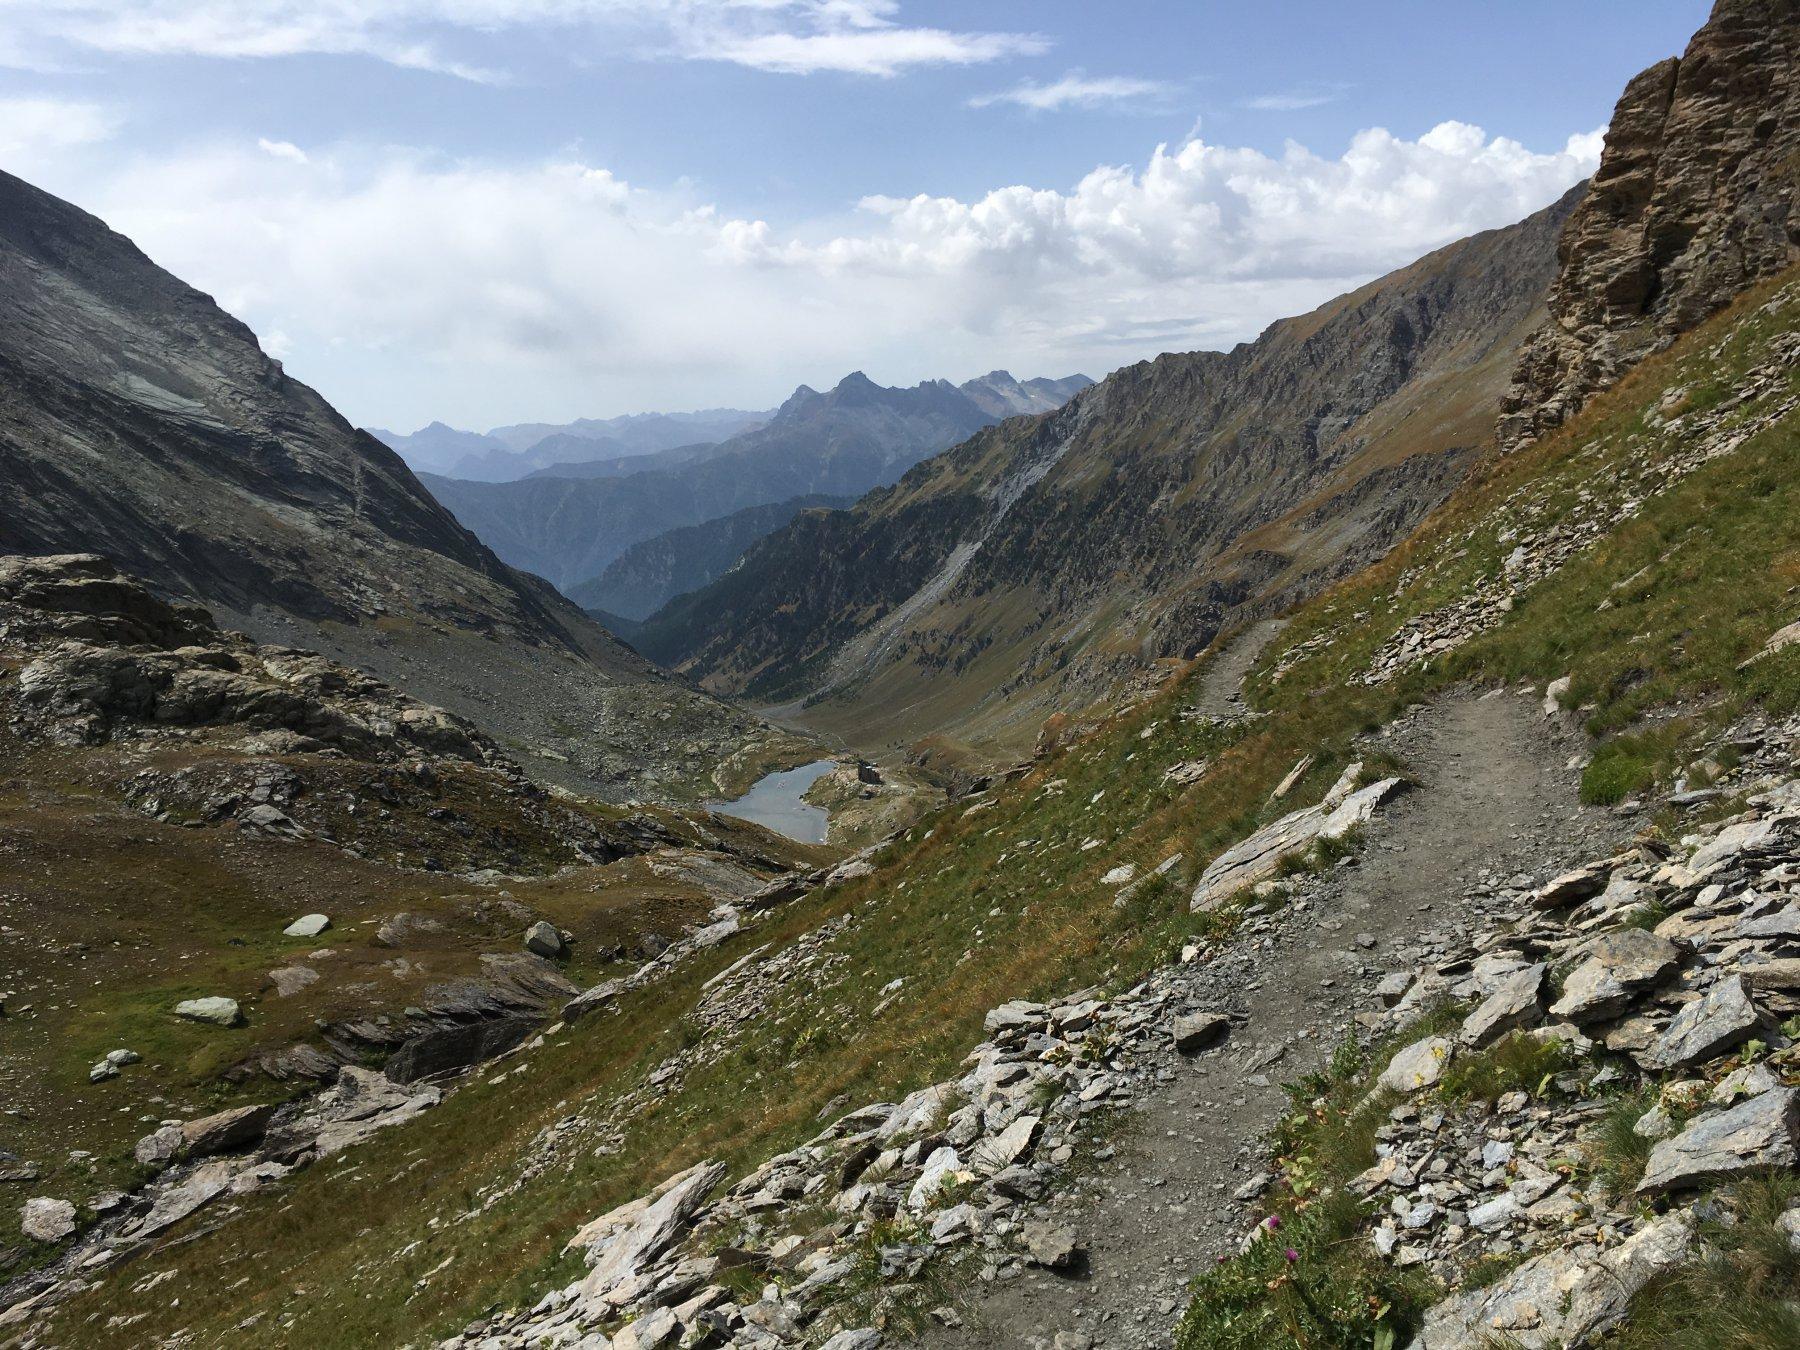 verso il rifugio Vallanta